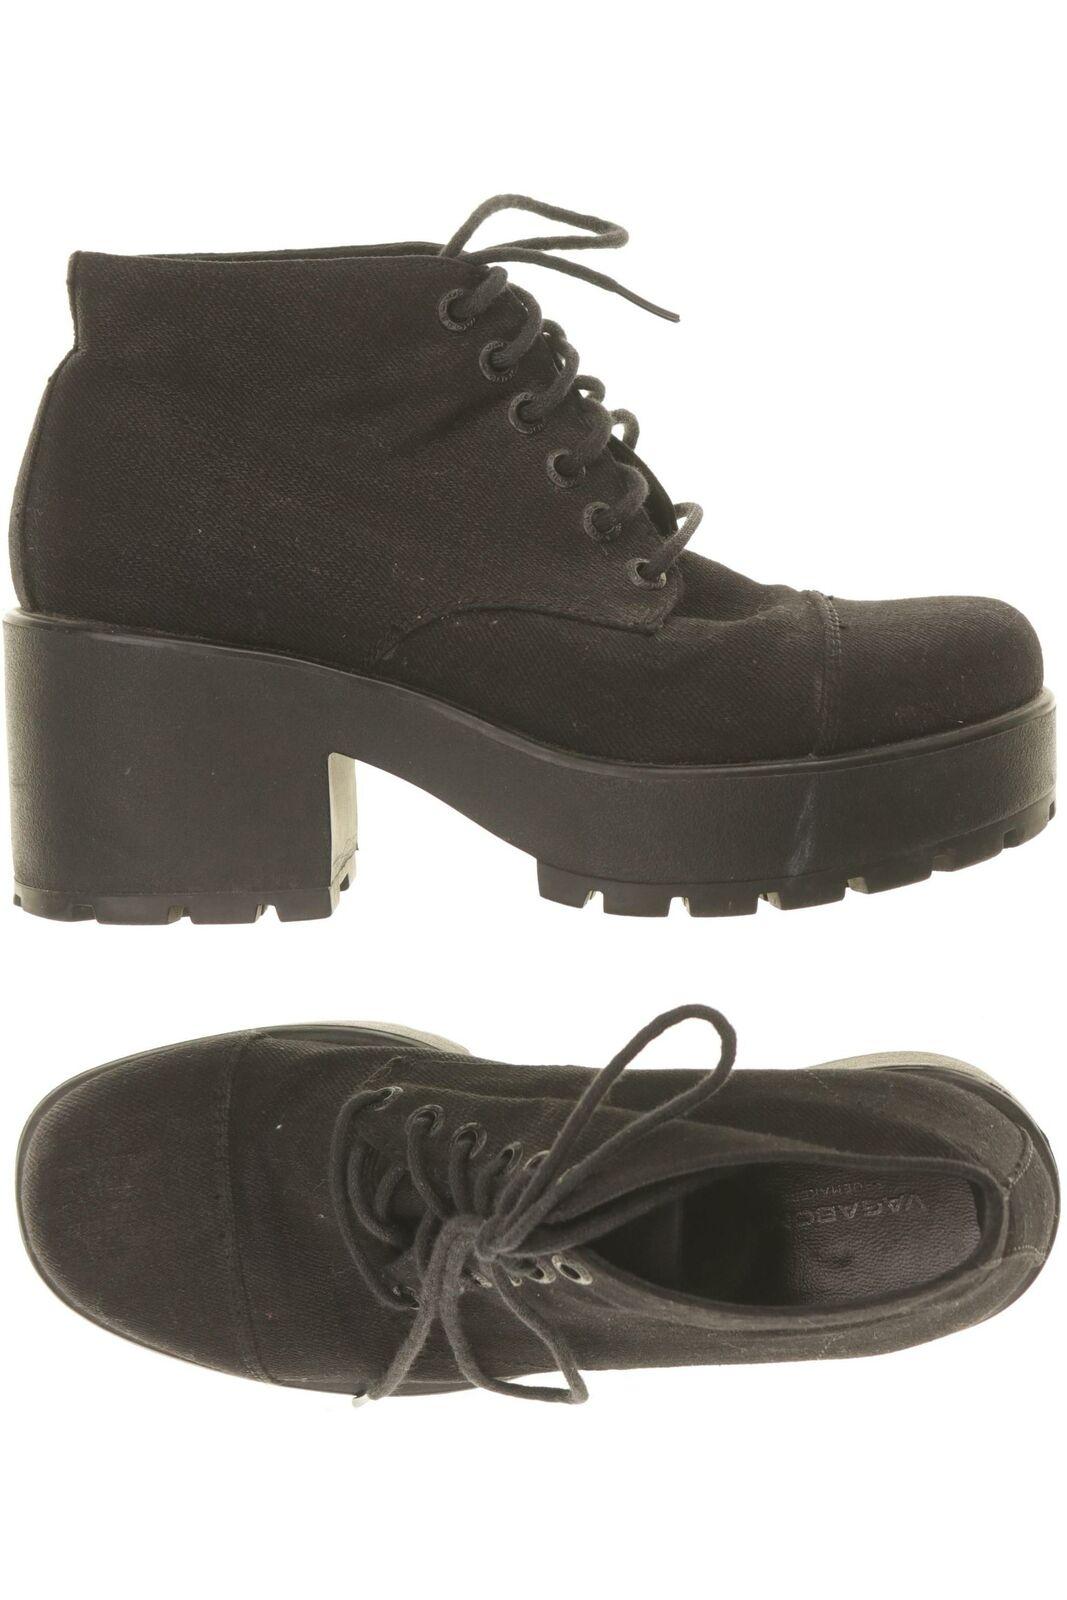 Vagabond Stiefelette Damen Ankle Stiefel Stiefelies Gr. DE 38 kein Etiket...  4d9553d